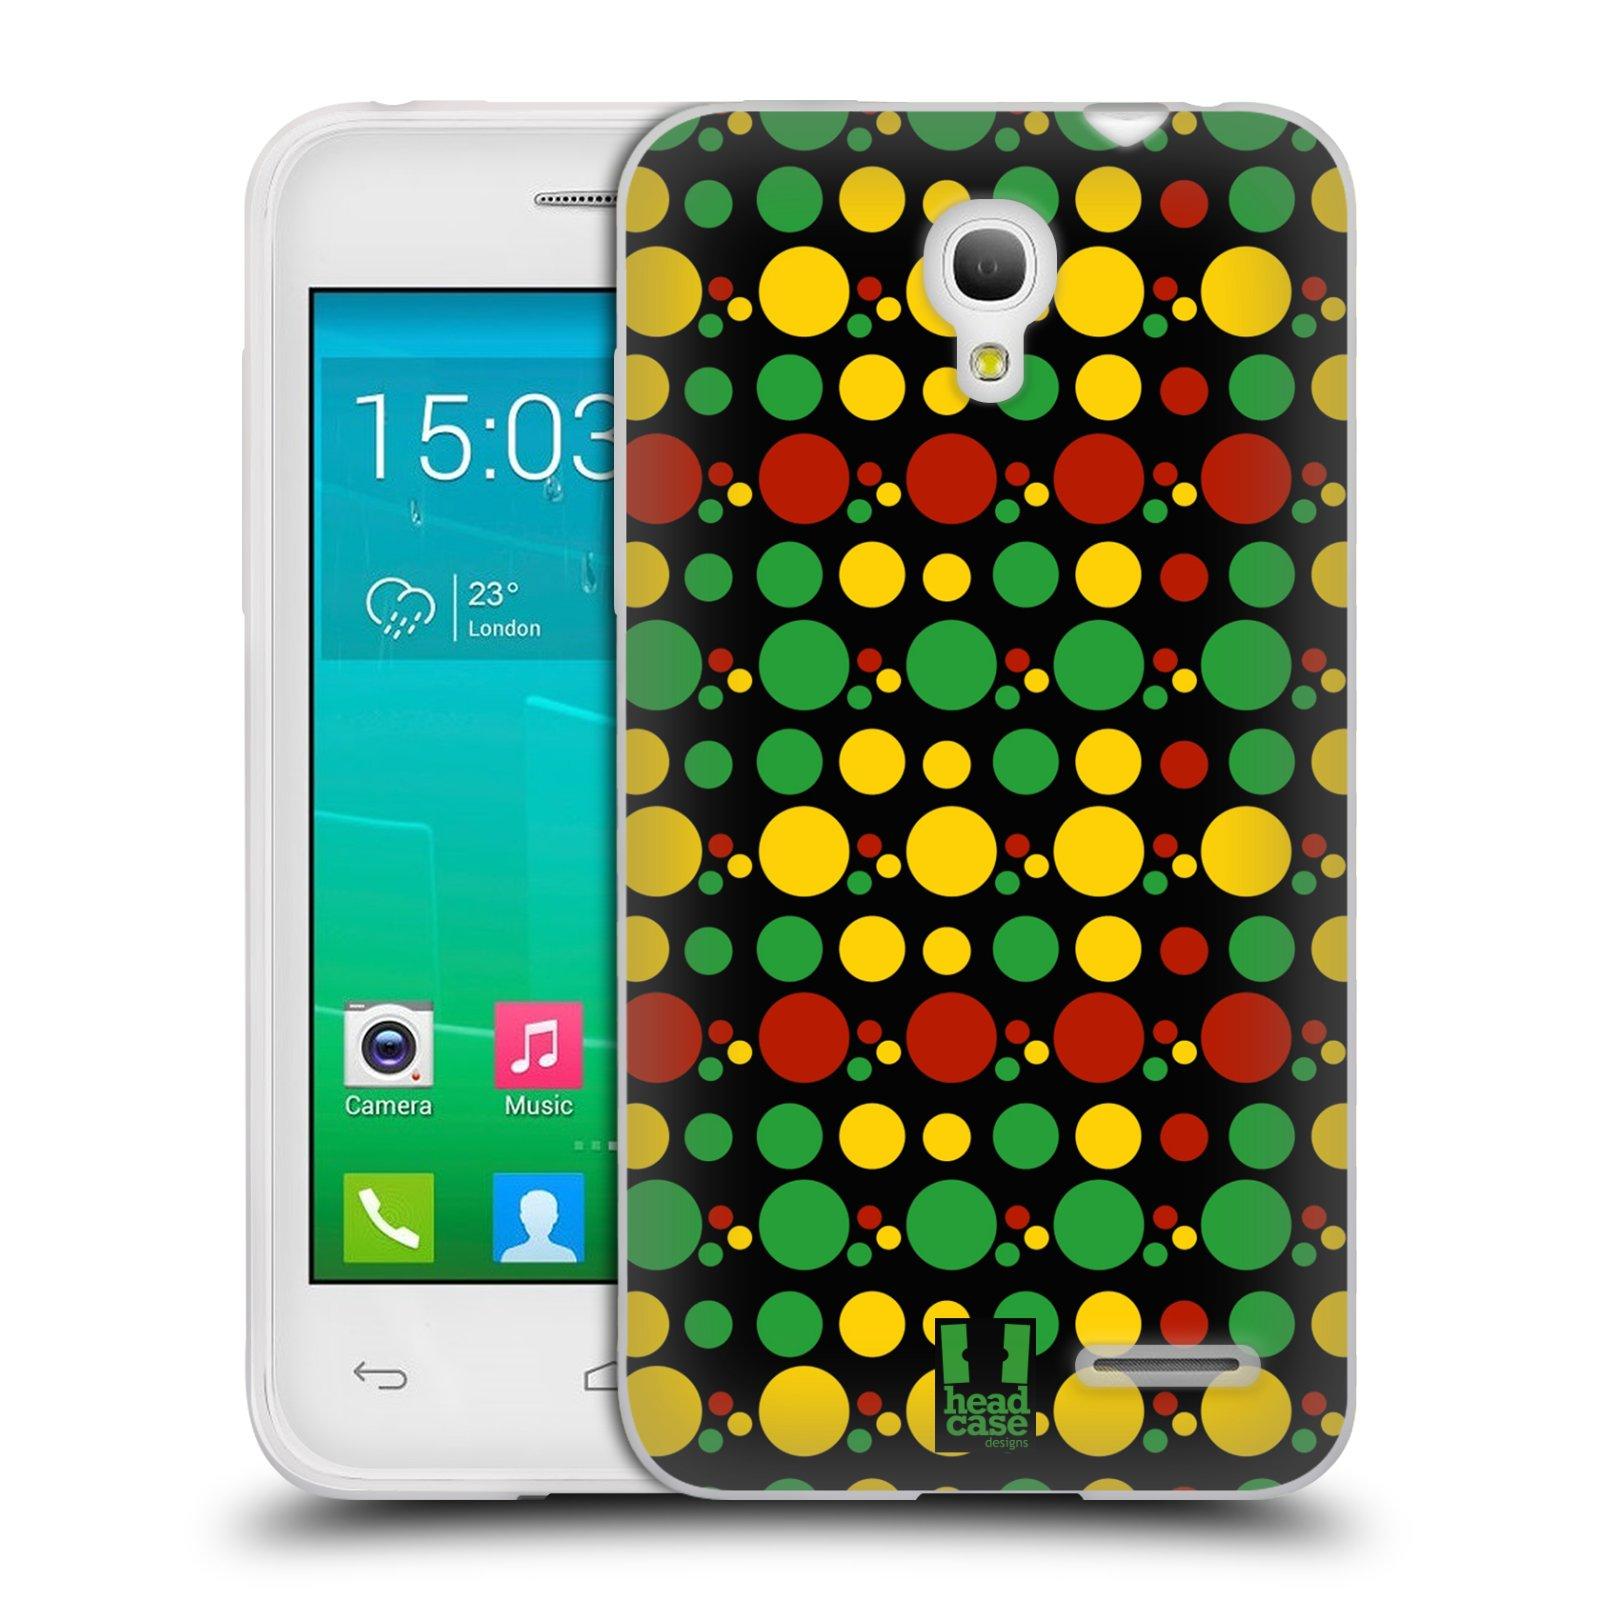 HEAD CASE silikonový obal na mobil Alcatel POP S3 OT-5050Y vzor Rasta barevné vzory KRUHY